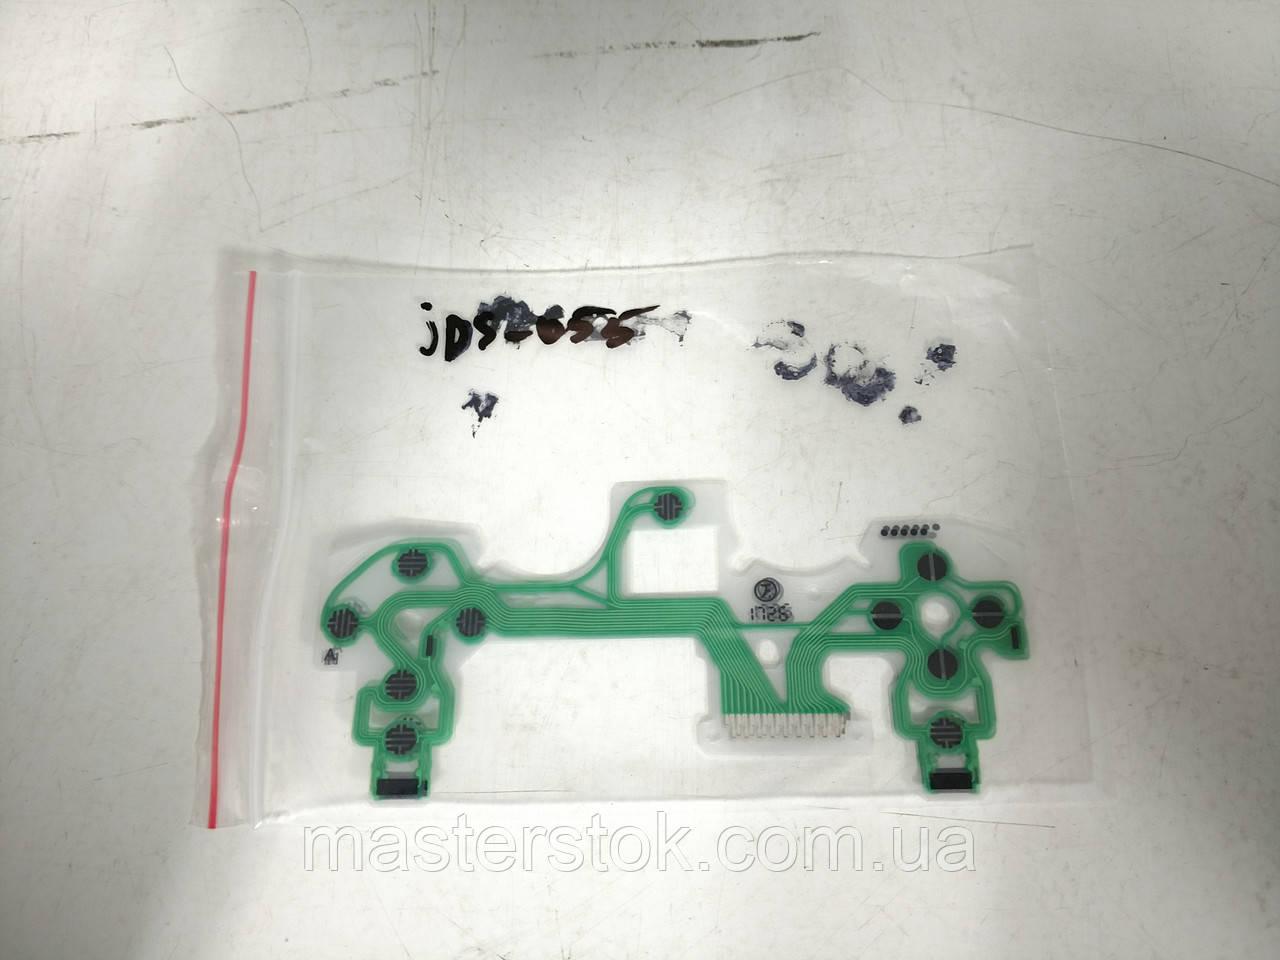 Контактный шлейф для геймпада(джойстика) Dualshock 4 (Оригинал) (JDM/J 4